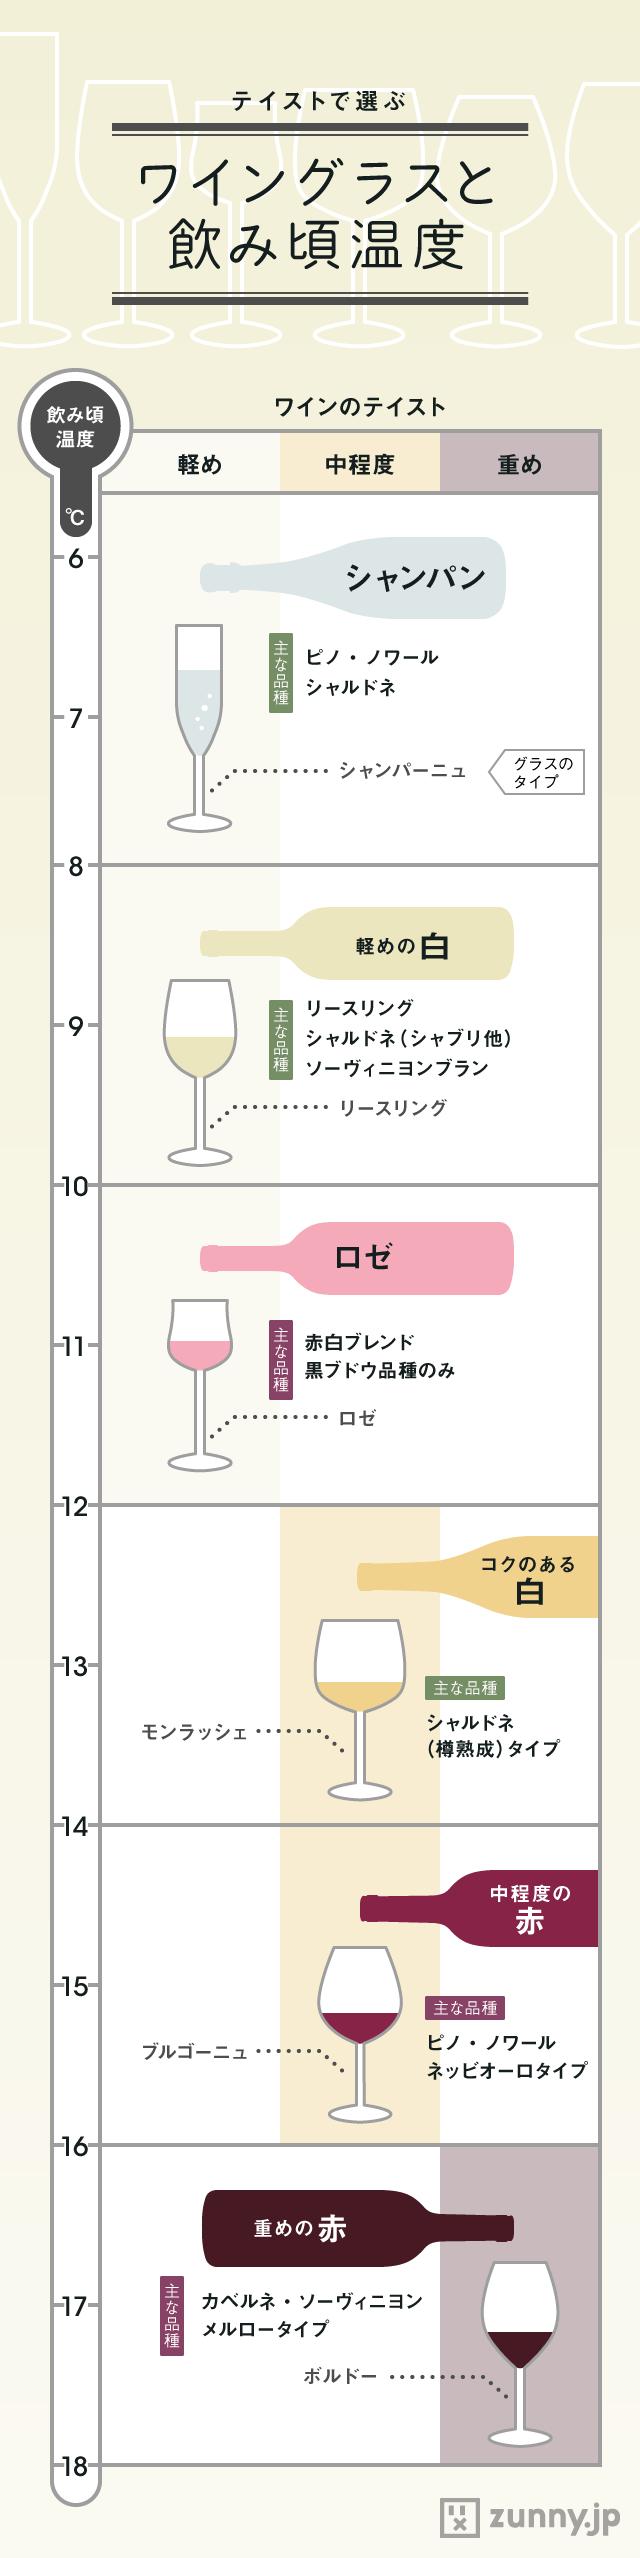 ブドウの種類や産地、年代によって様々な味わいが生まれる「ワイン」。家飲みで気軽に楽しむ人も増えてき…